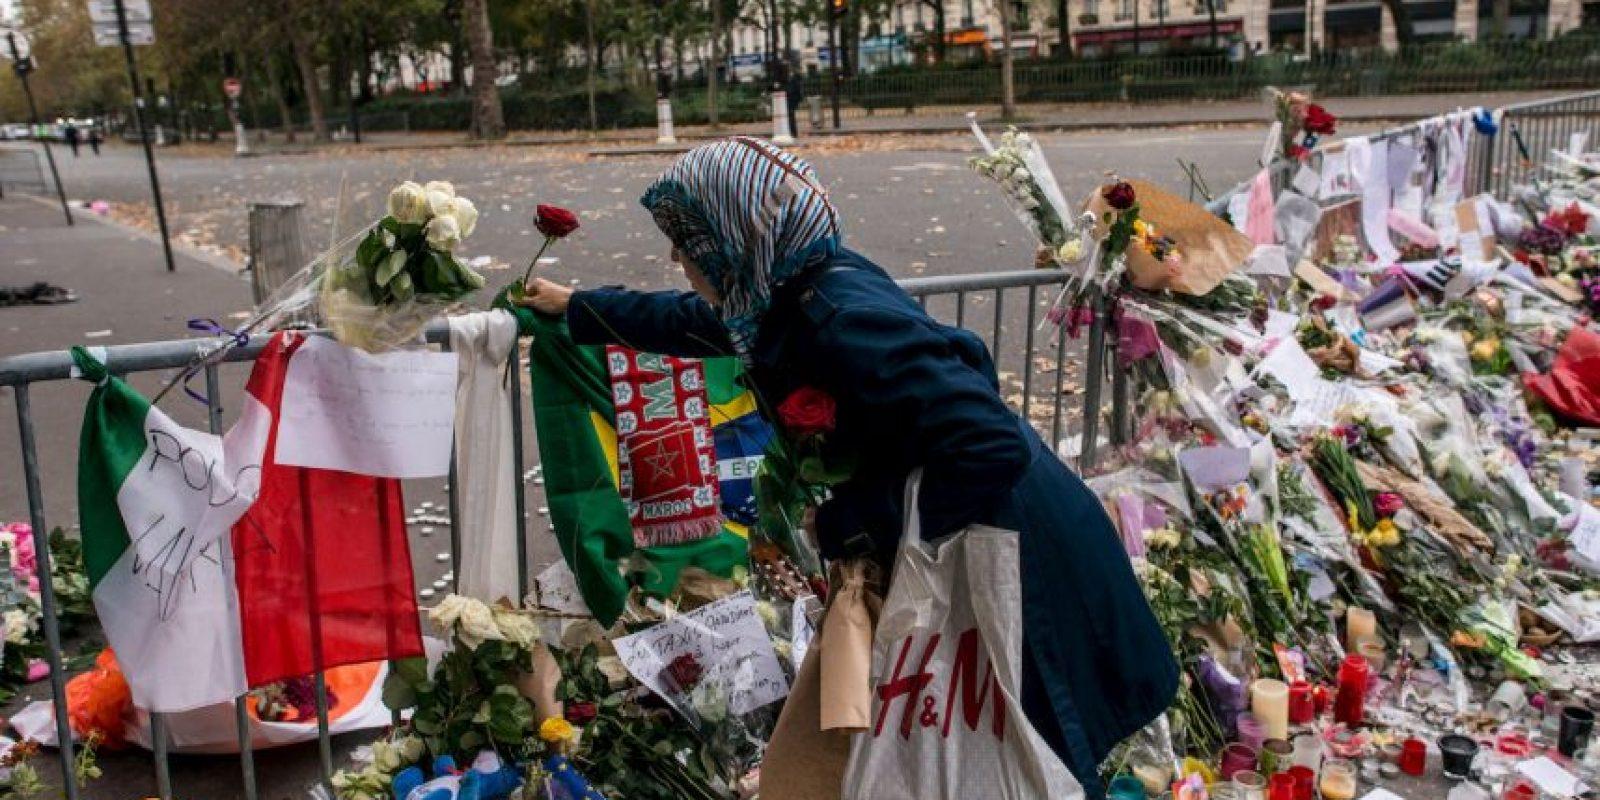 El grupo terrorista Estado Islámico se atribuyó la masacre. Foto:Getty Images